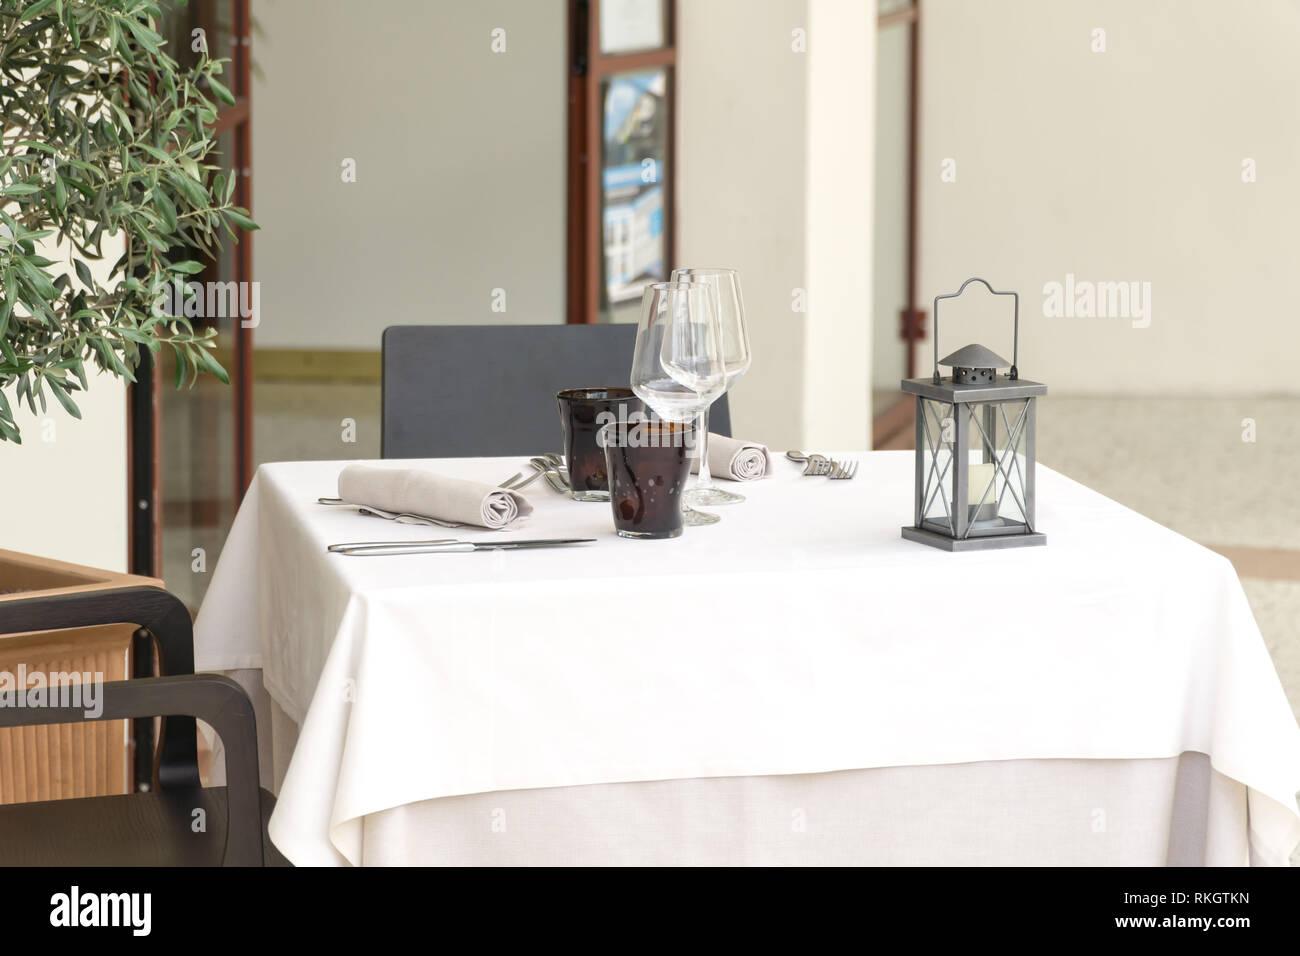 https www alamyimages fr une table vide pour deux dans un restaurant recouverte d une nappe blanche avec deux sets de table et d une lanterne dans un cafe ou un restaurant a l exterieur image235783849 html